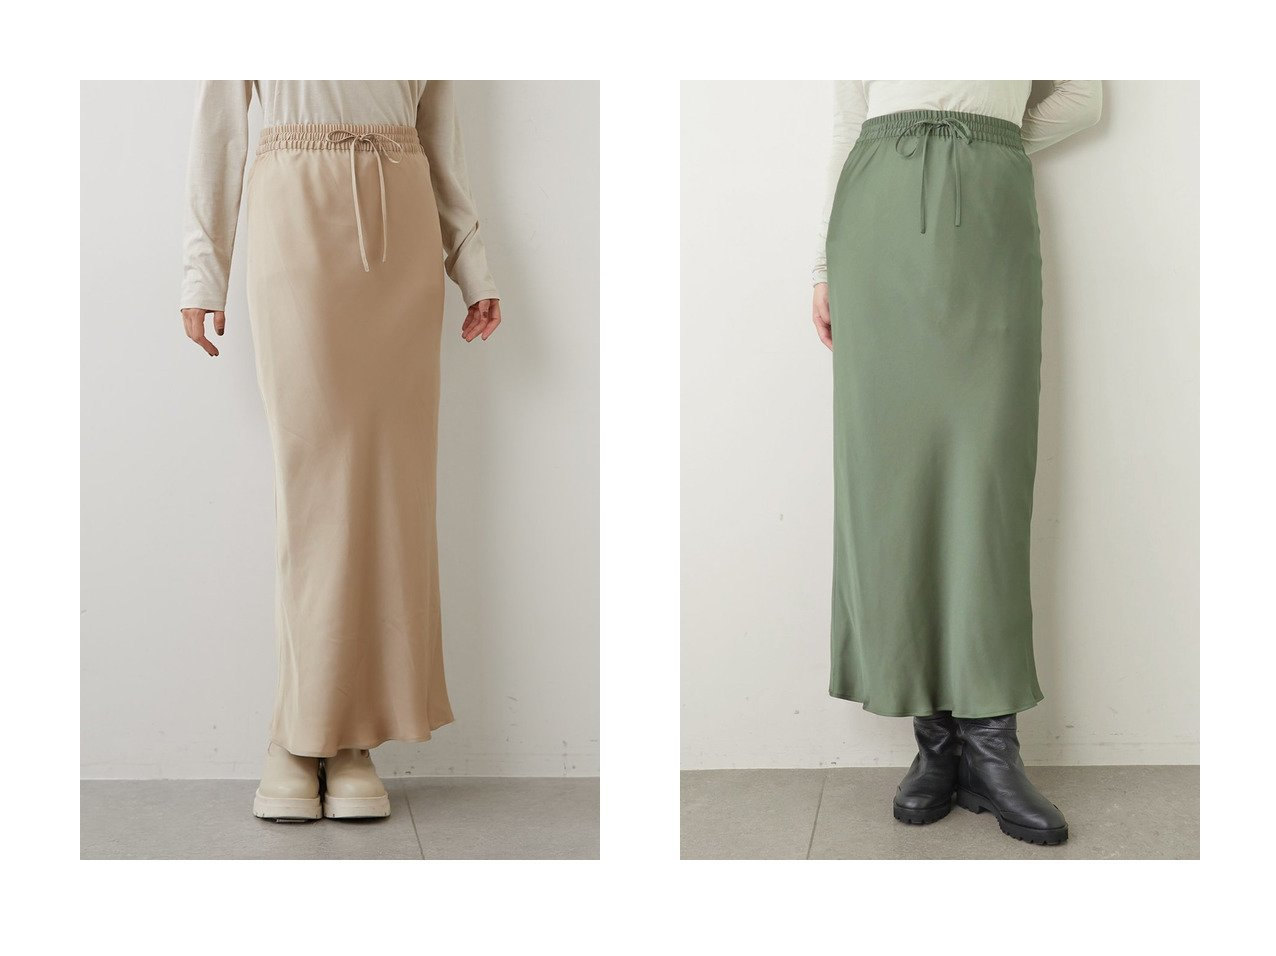 【Whim Gazette/ウィムガゼット】のピーチサテンスカート 【スカート】おすすめ!人気、トレンド・レディースファッションの通販 おすすめで人気の流行・トレンド、ファッションの通販商品 インテリア・家具・メンズファッション・キッズファッション・レディースファッション・服の通販 founy(ファニー) https://founy.com/ ファッション Fashion レディースファッション WOMEN スカート Skirt ロングスカート Long Skirt サテン トレンド バイアス マーメイド ロング A/W・秋冬 AW・Autumn/Winter・FW・Fall-Winter |ID:crp329100000071362